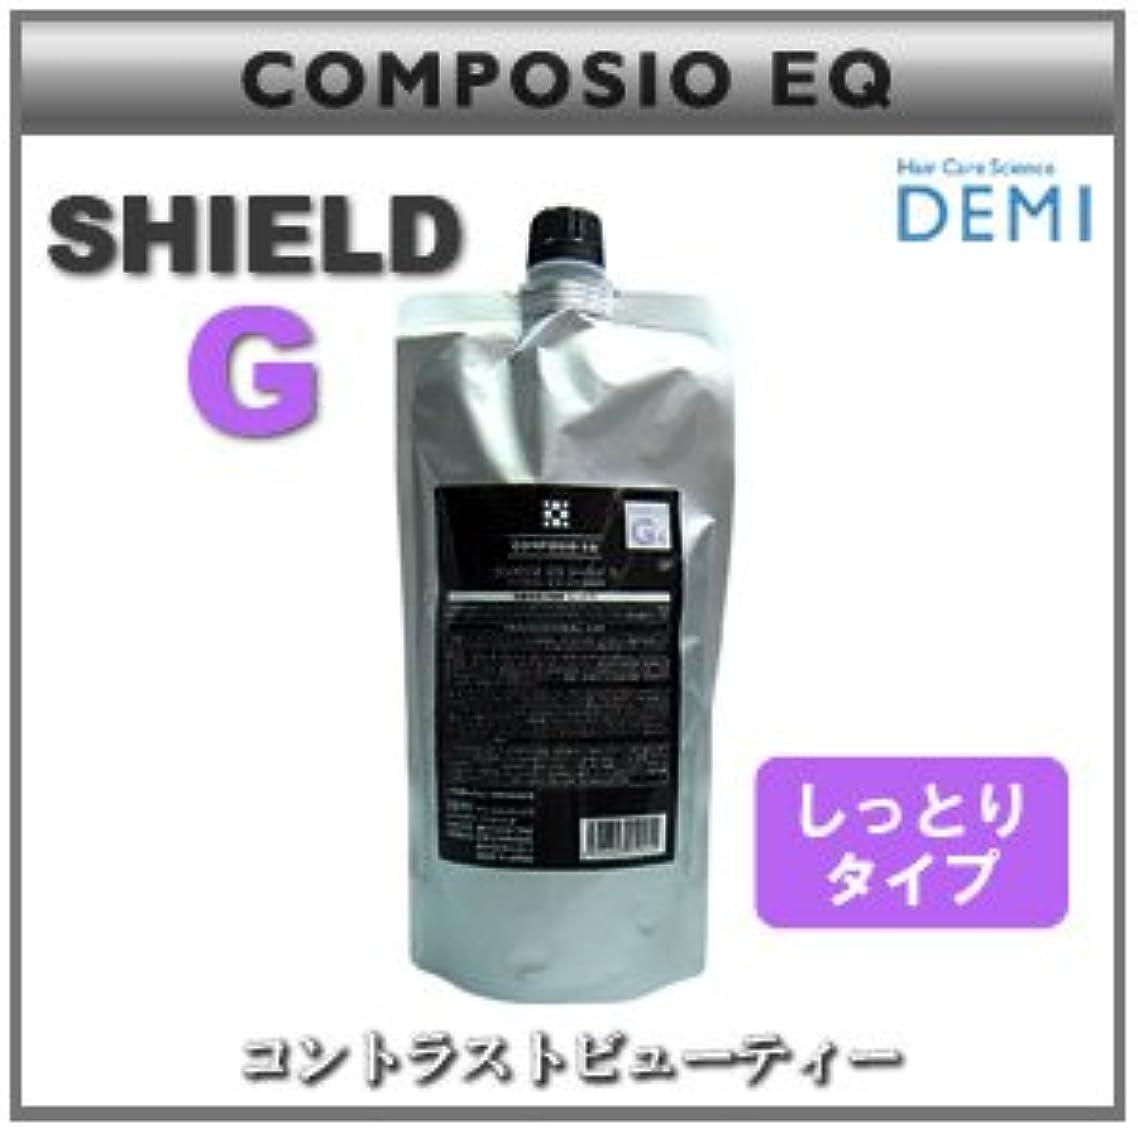 巻き戻す湿地者【X5個セット】 デミ コンポジオ EQ シールド G 450g